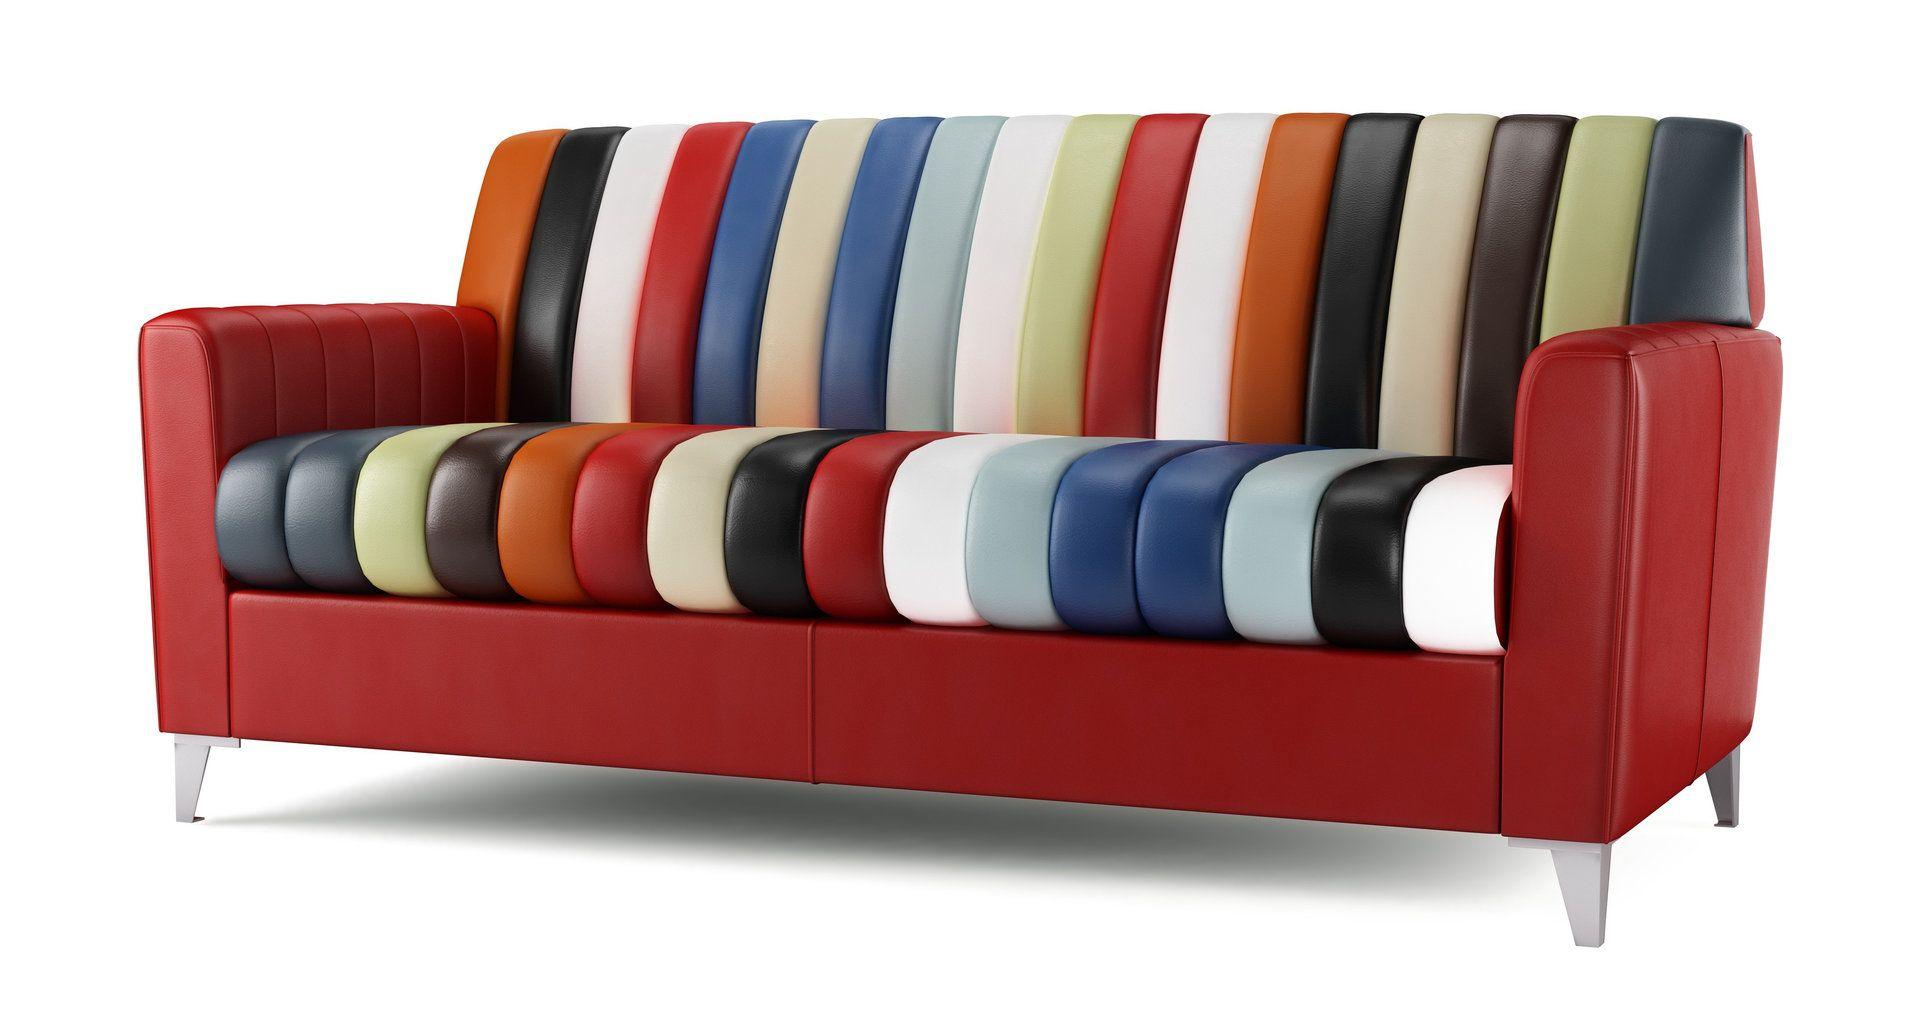 Atomic Leather Sofa DFS mydfs